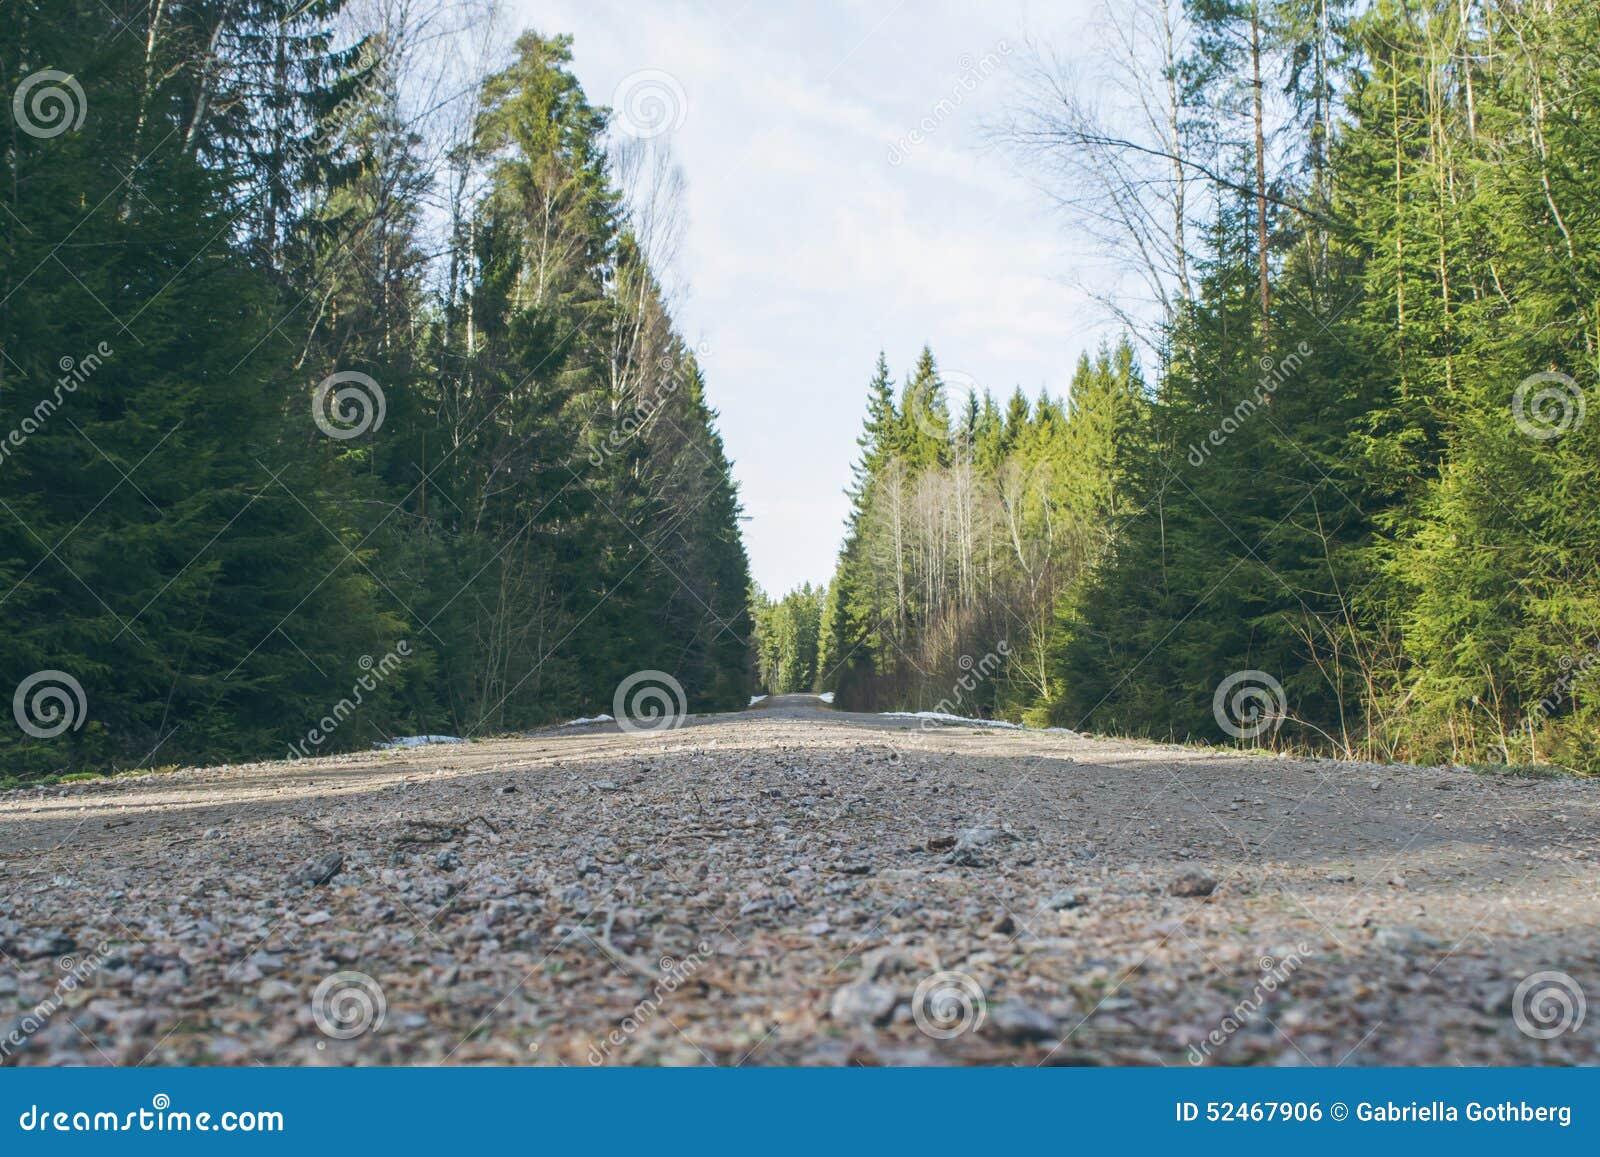 Gravel road in dense forest